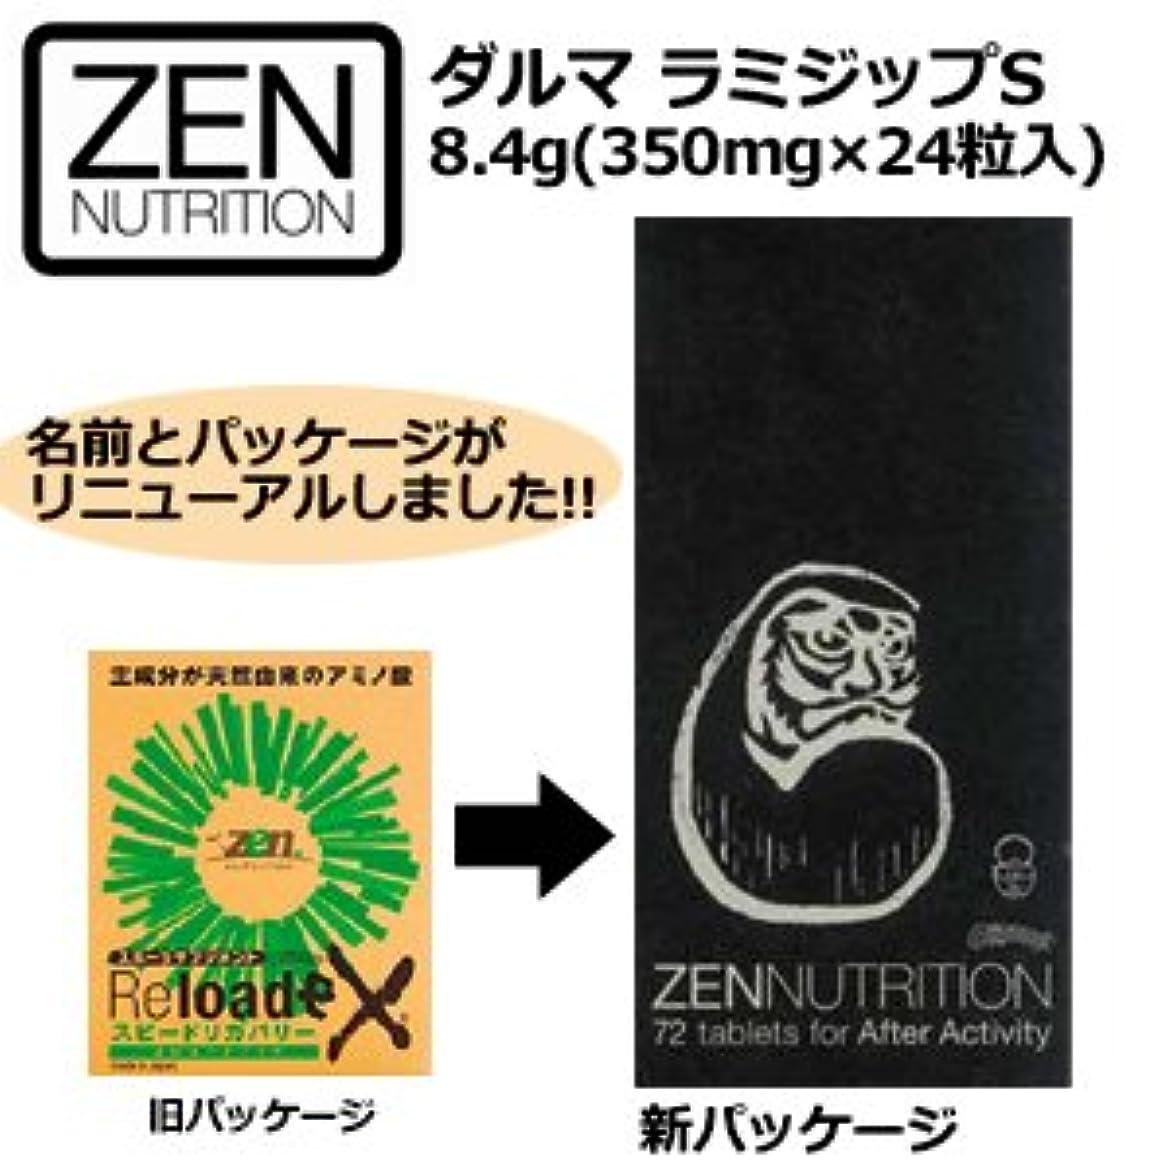 半ばなぜ特許ZEN ゼン RE LOADE リロードEX 達磨 だるま サプリメント アミノ酸●ダルマ ラミジップS 8.4g